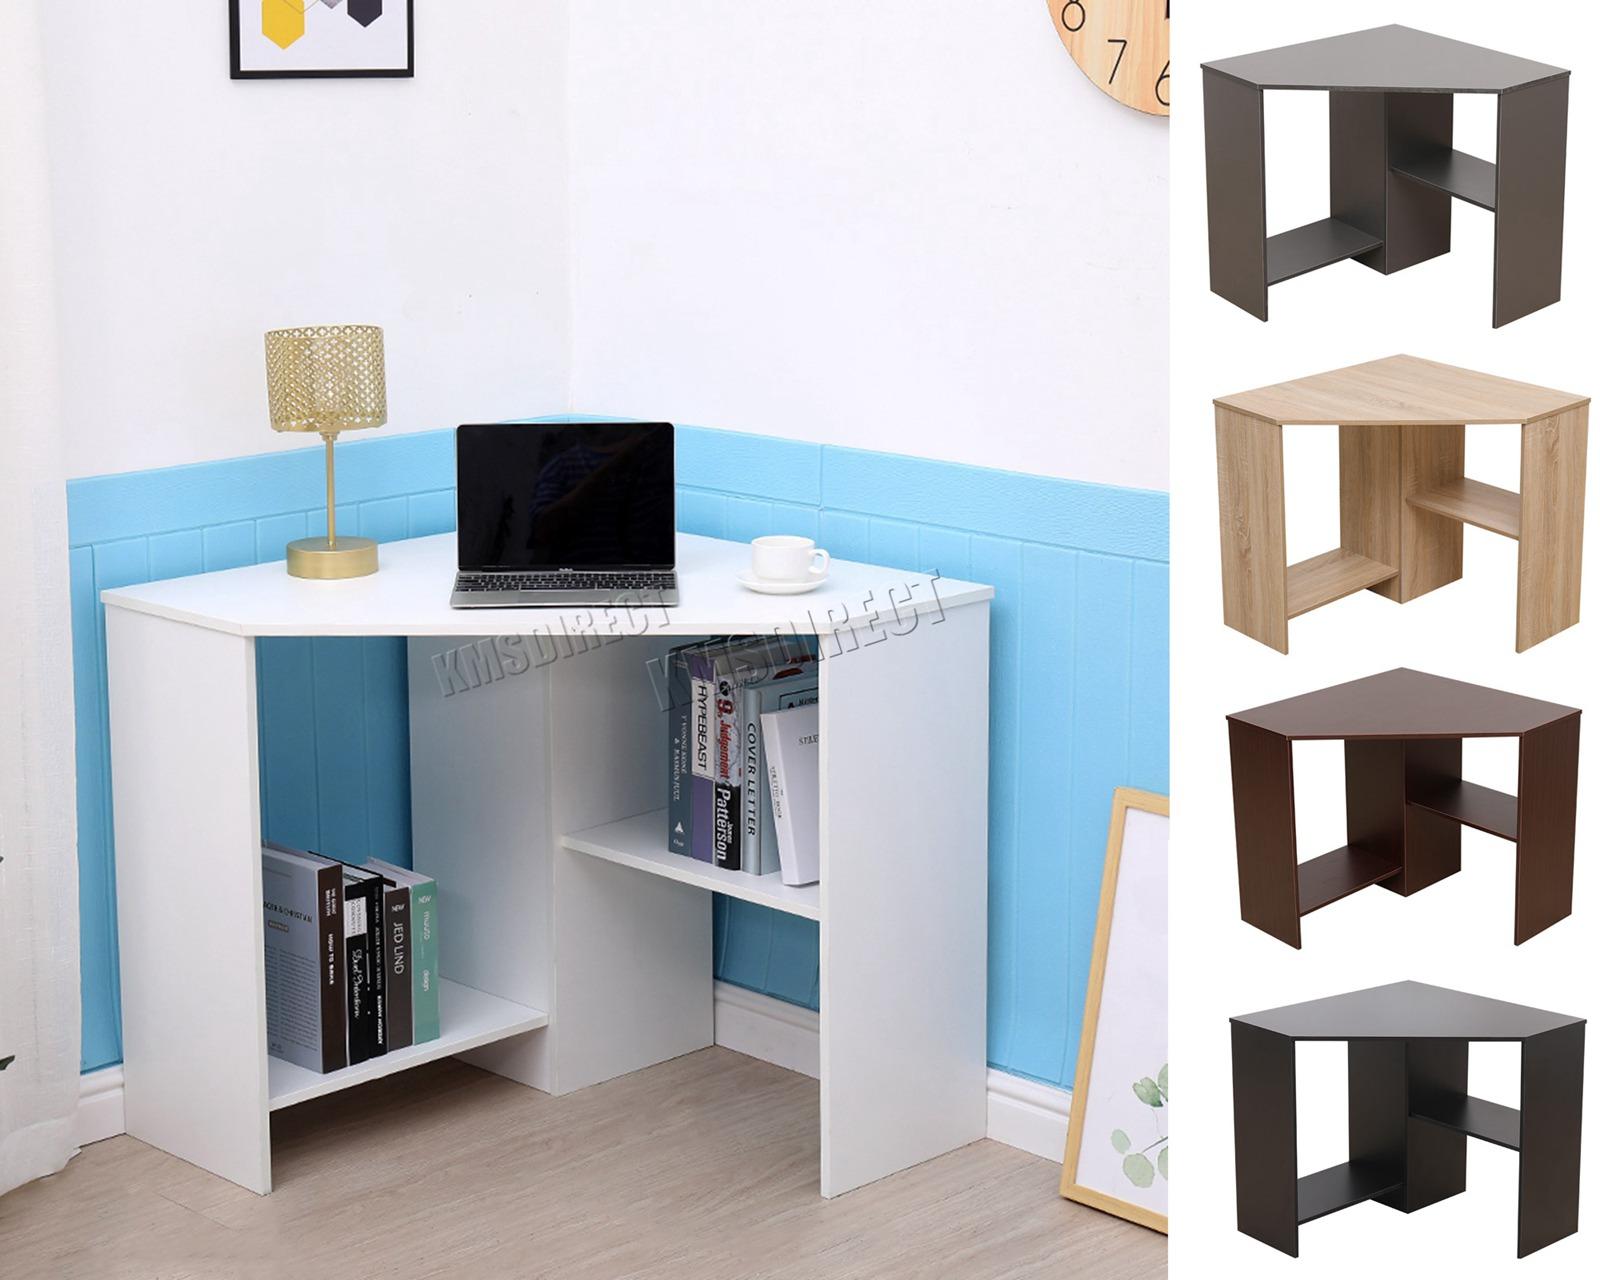 - Westwood PC Computer Schreibtisch Ecke Holz Schreibtisch Tisch 2